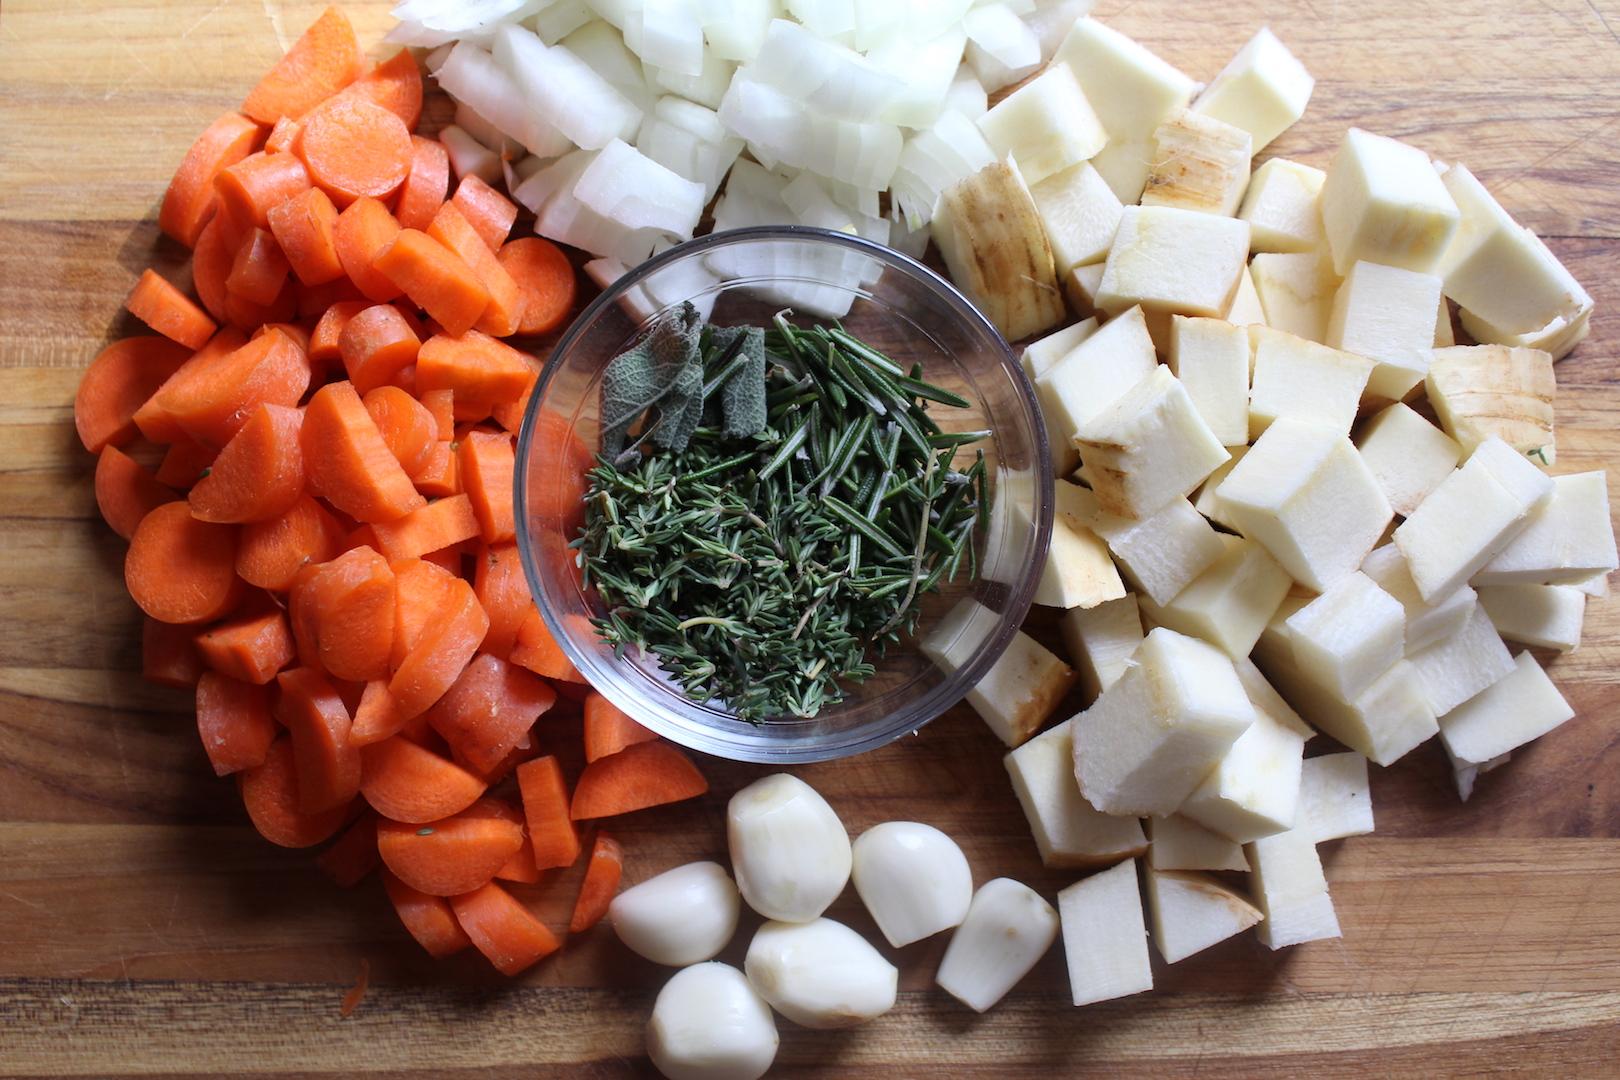 Vegetables for Cassoulet